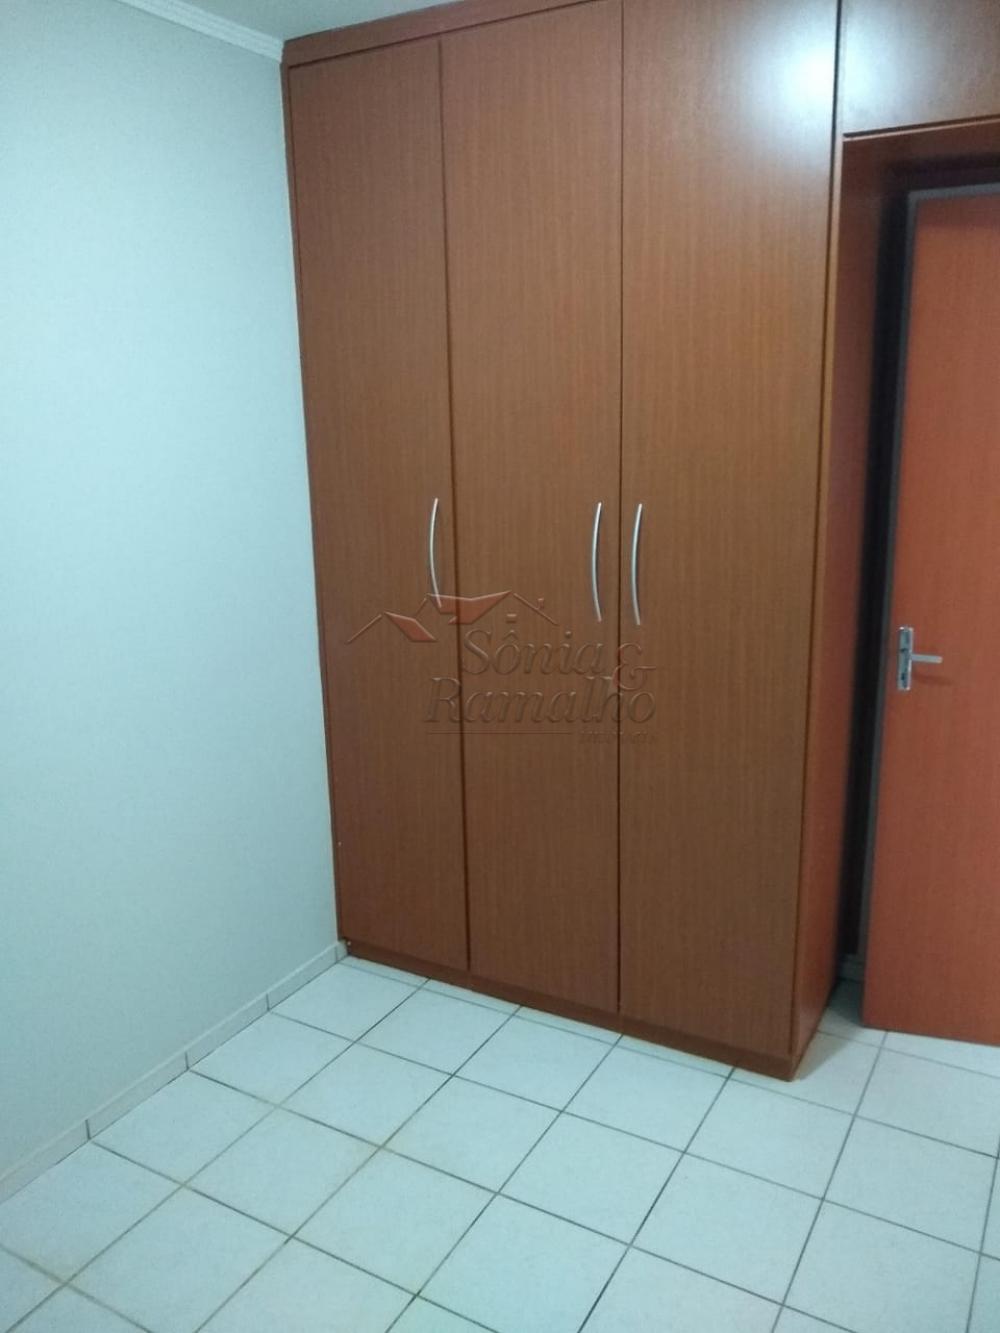 Alugar Apartamentos / Padrão em Ribeirão Preto apenas R$ 700,00 - Foto 17